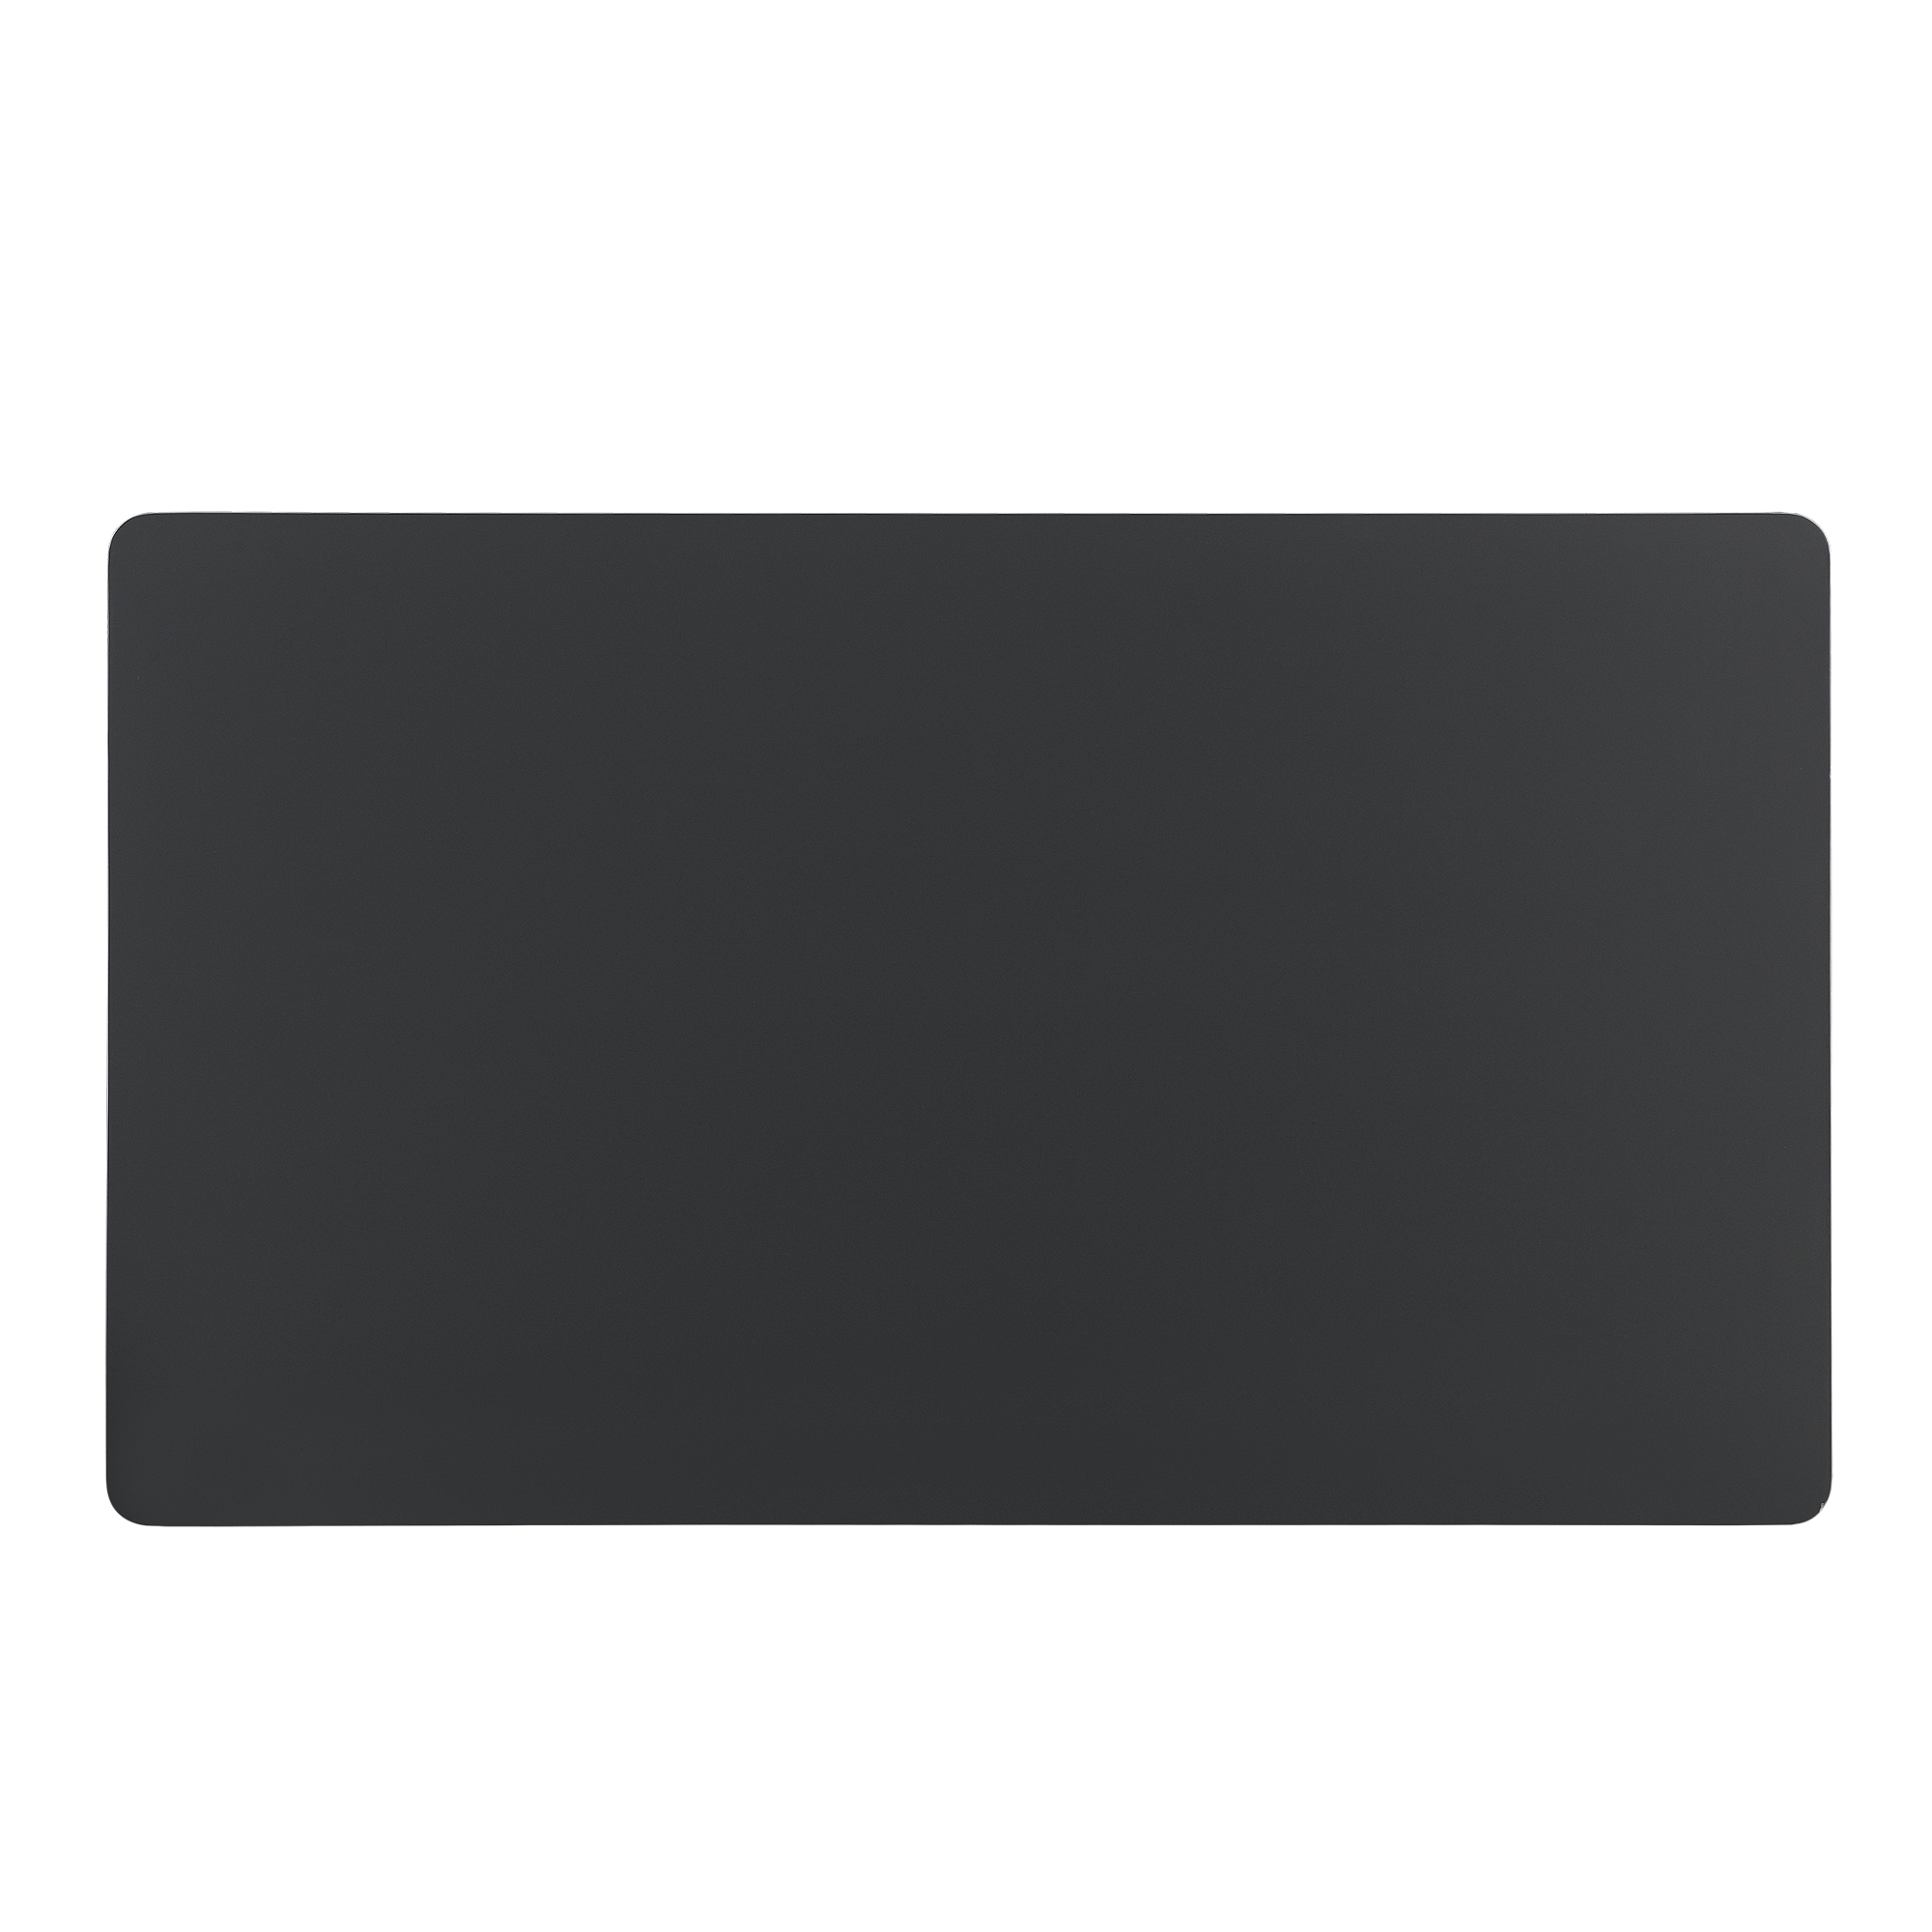 Esstisch 120x70cm matt lackiert k chentisch for Esstisch 120 x 70